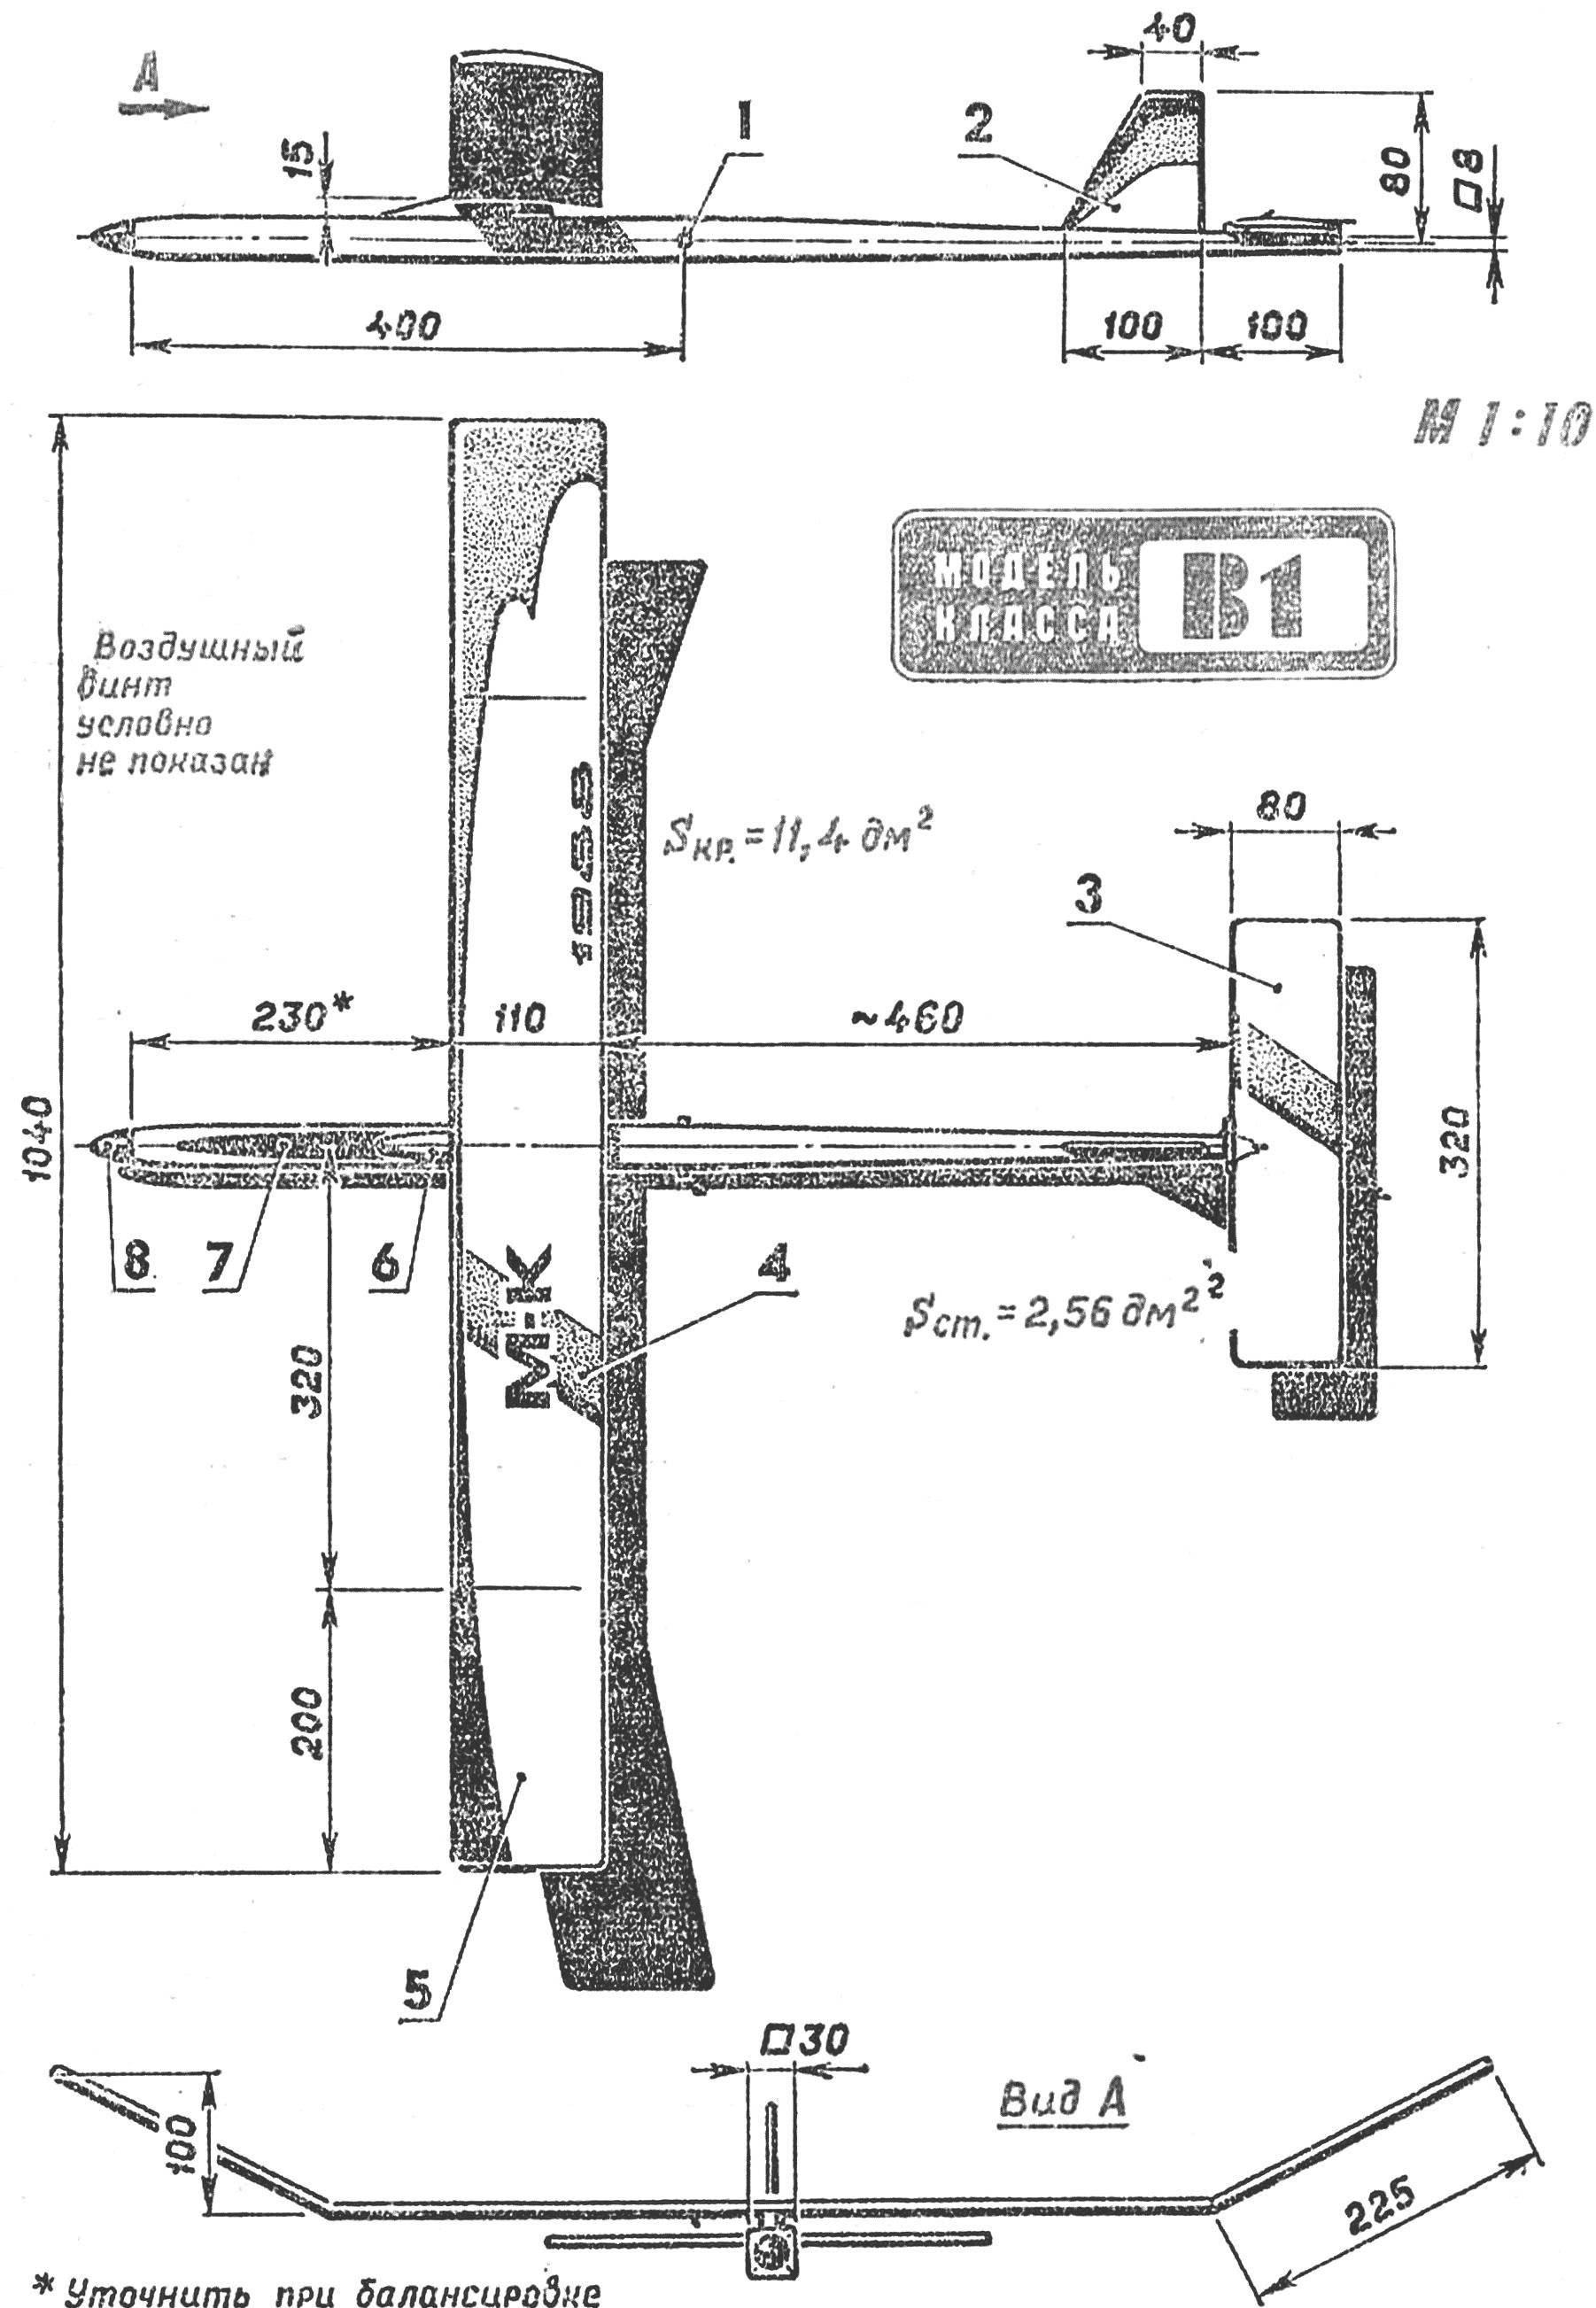 Basic dimensions rezinomotornaya model